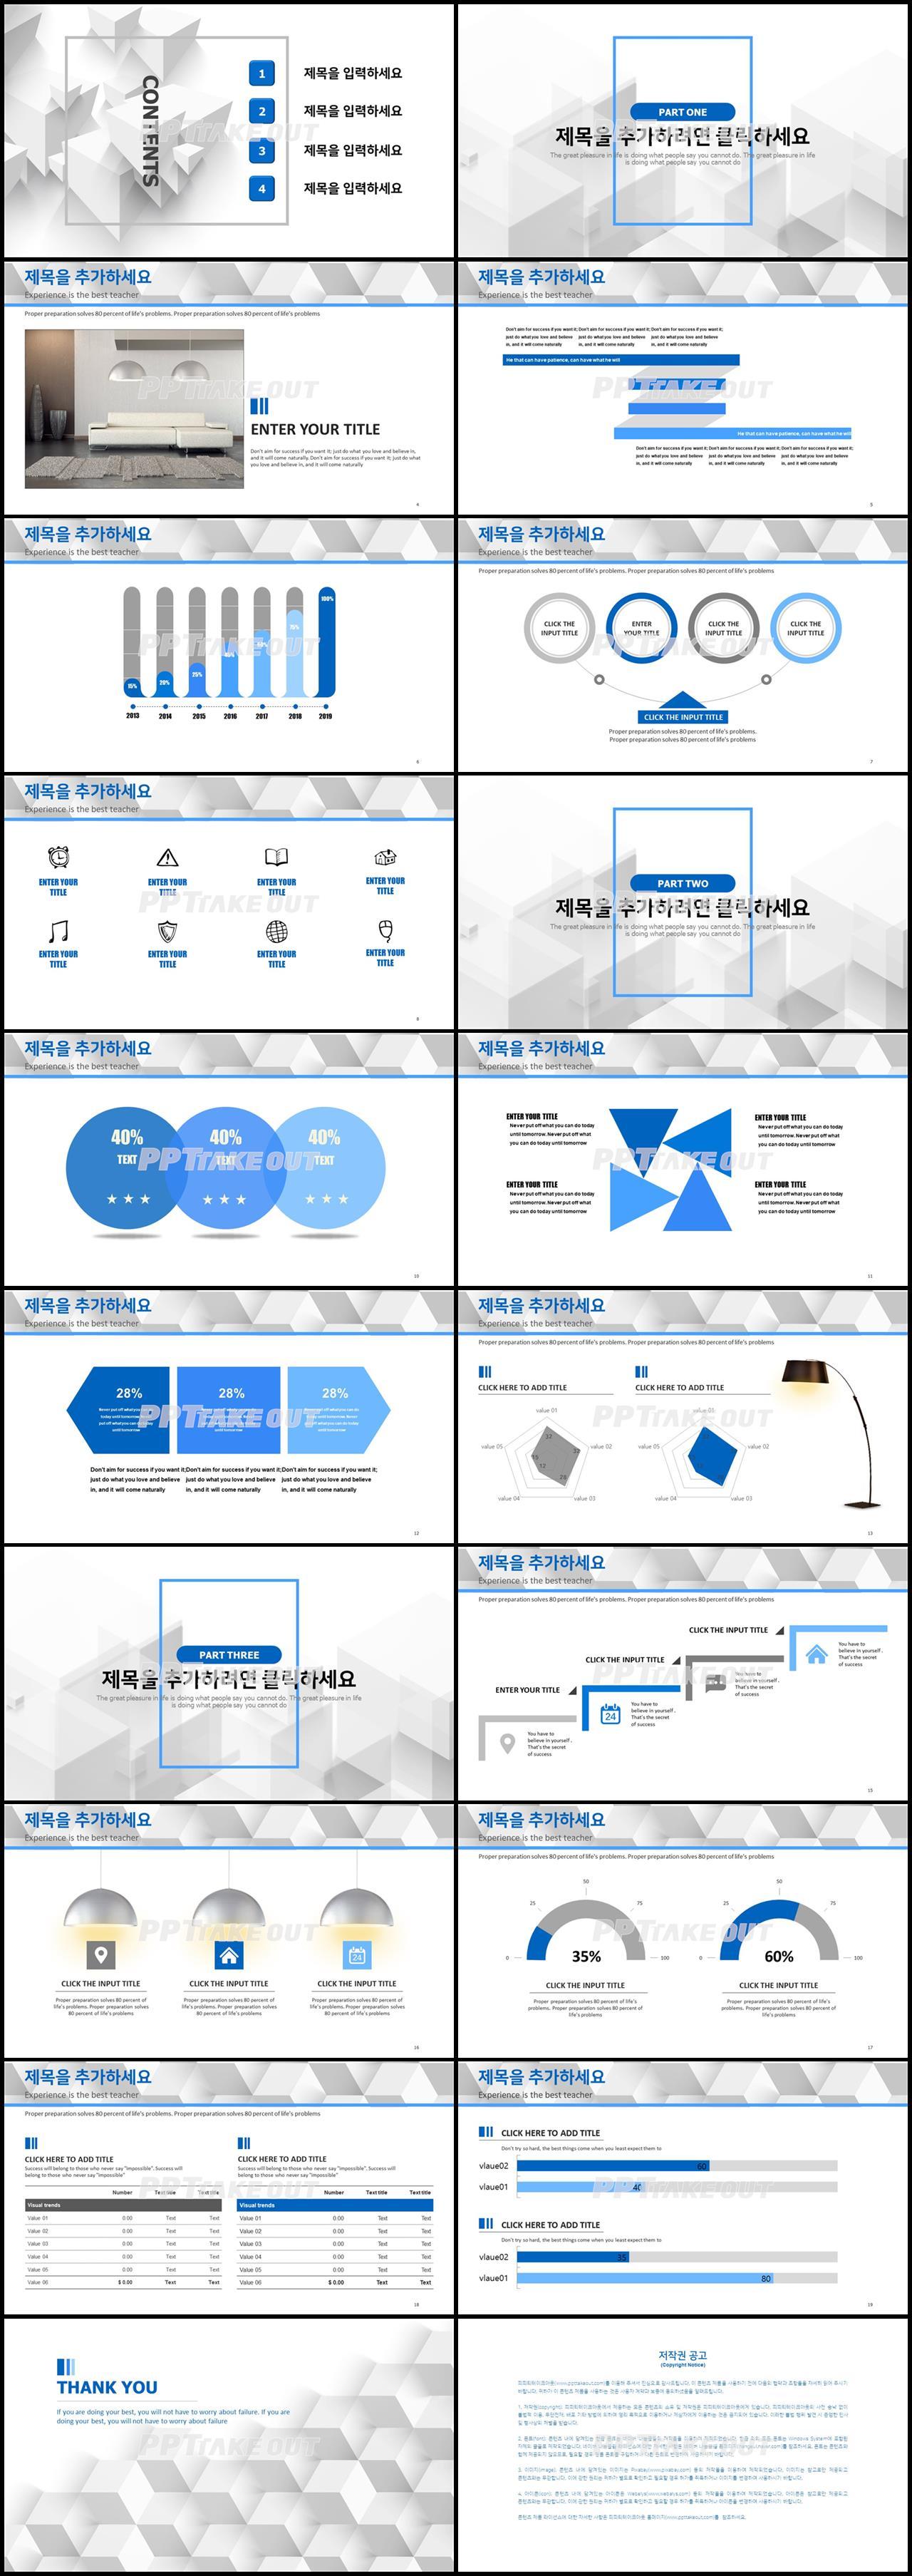 상업계획 블루 현대적인 고급스럽운 PPT테마 사이트 상세보기